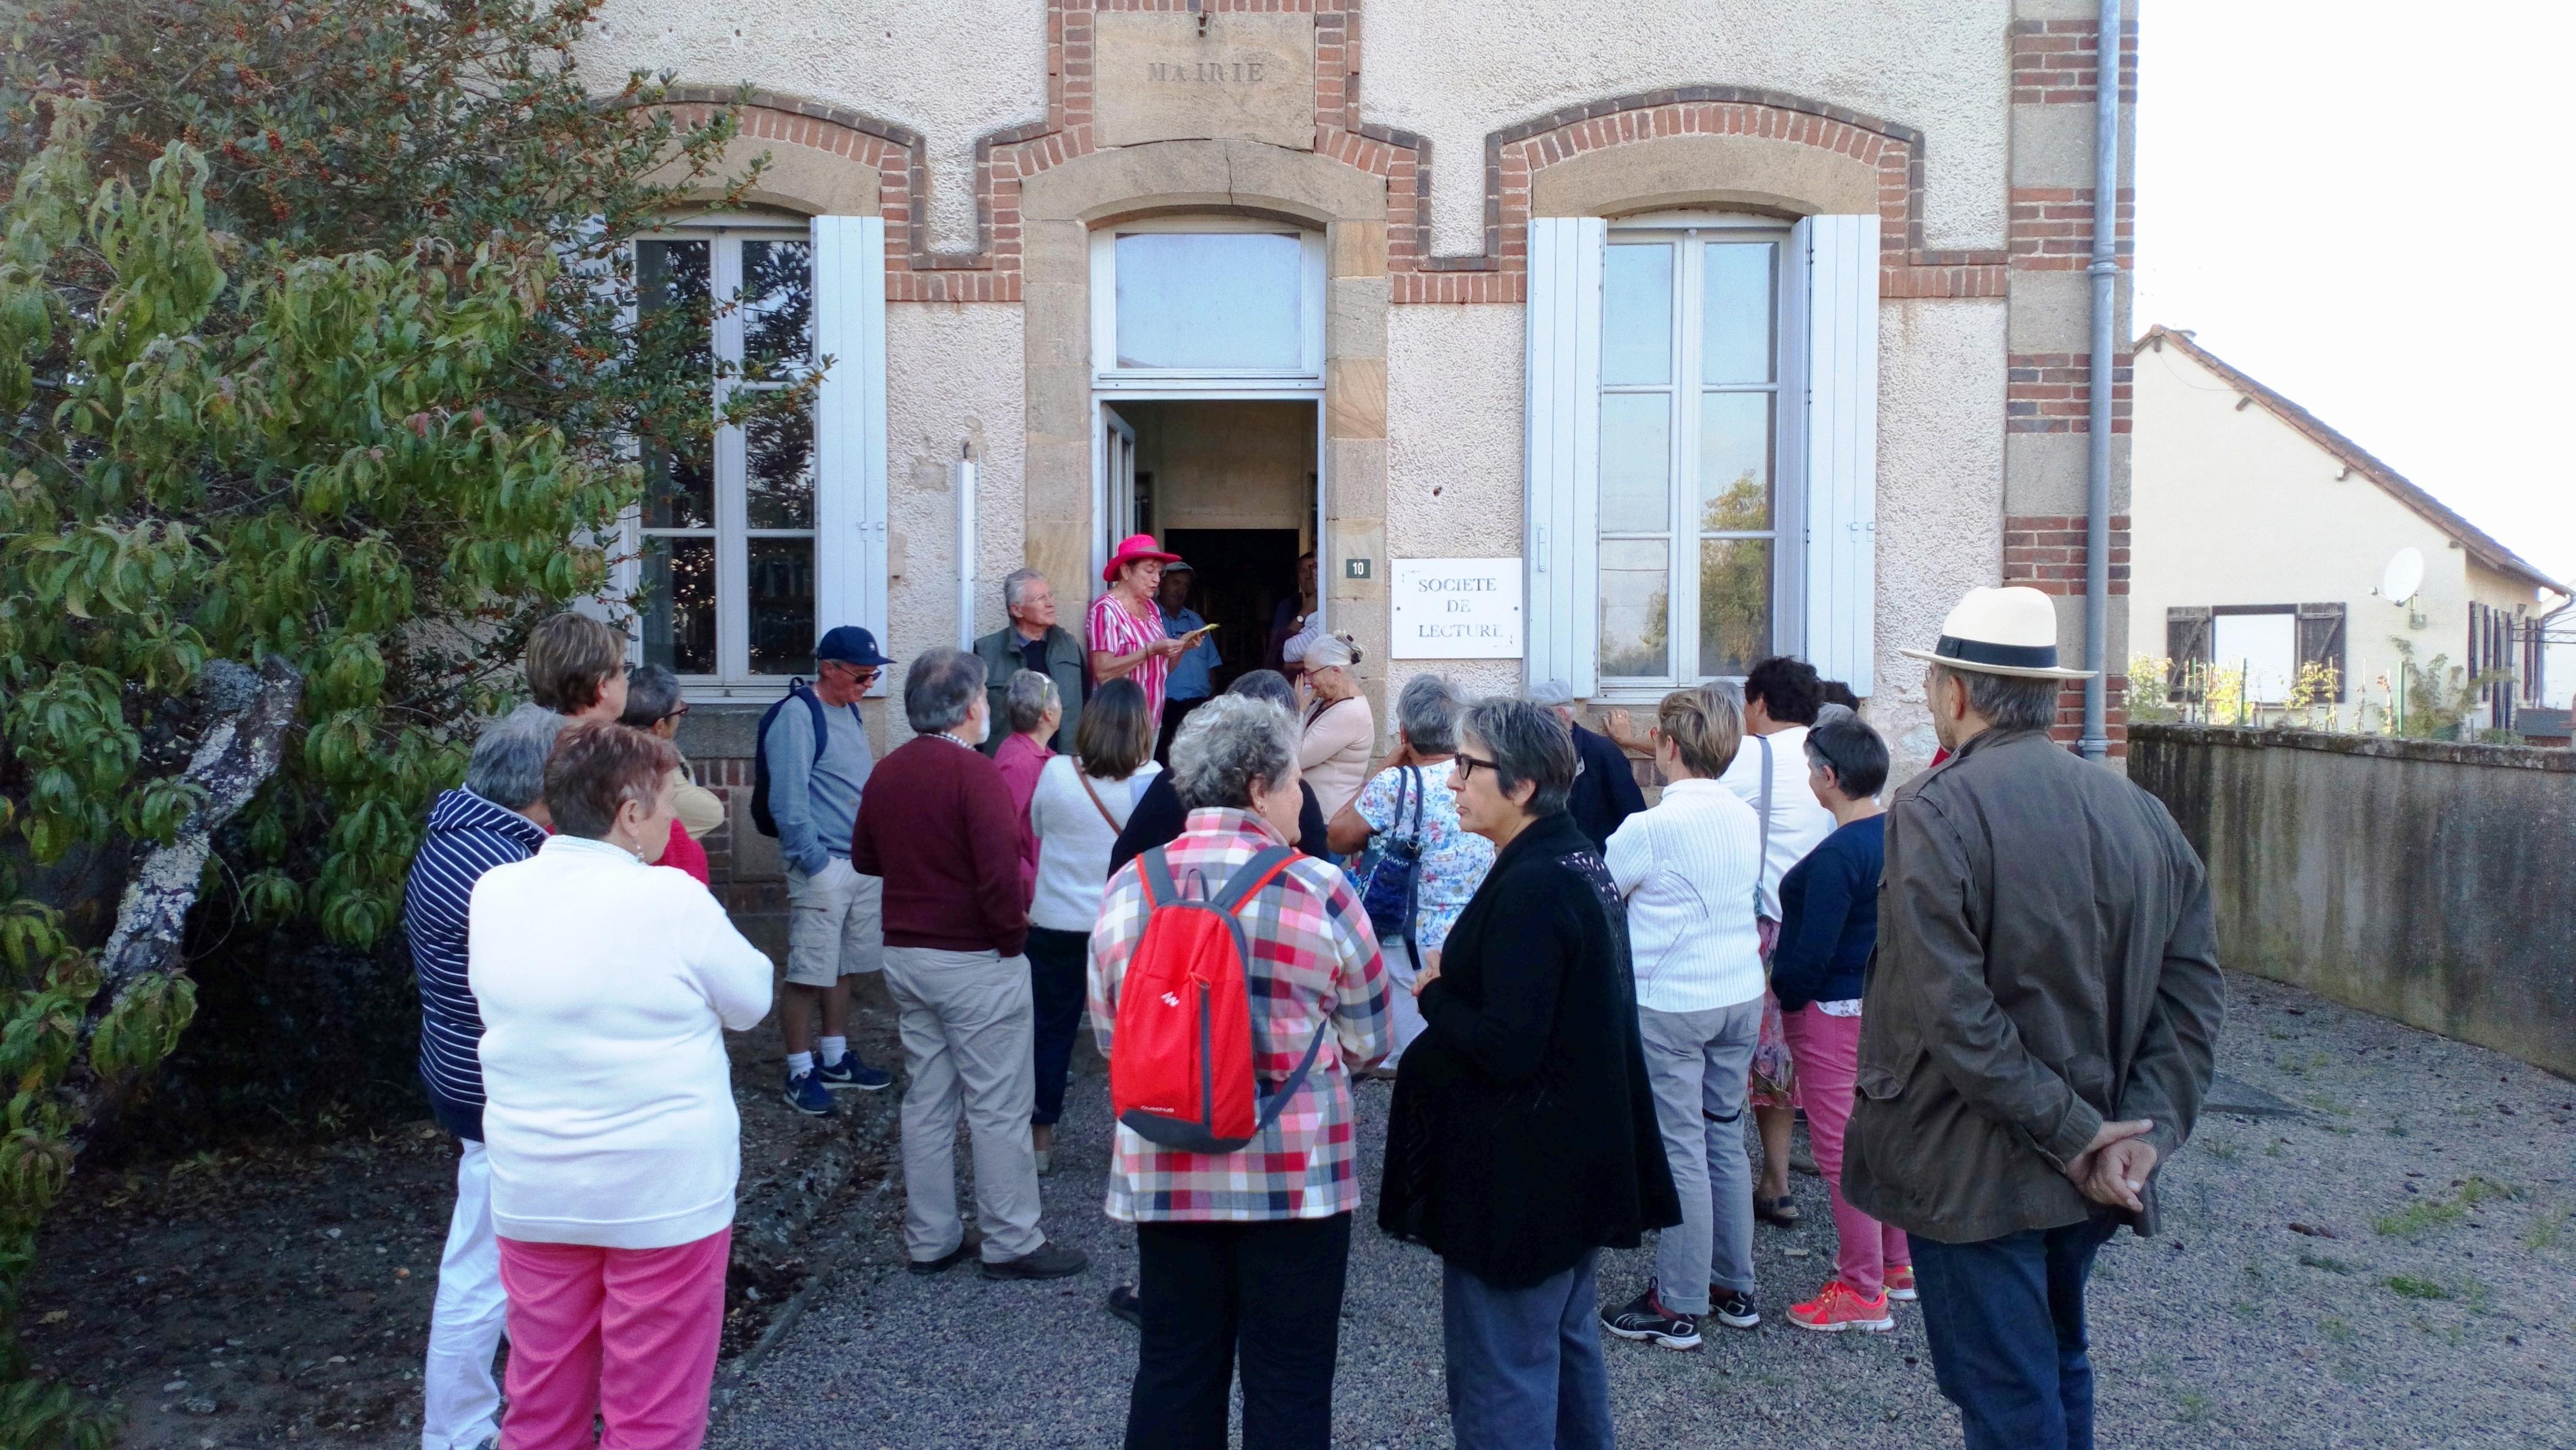 Quelques-uns des participants devant la société de lecture d'Ygrande fondée au 19e